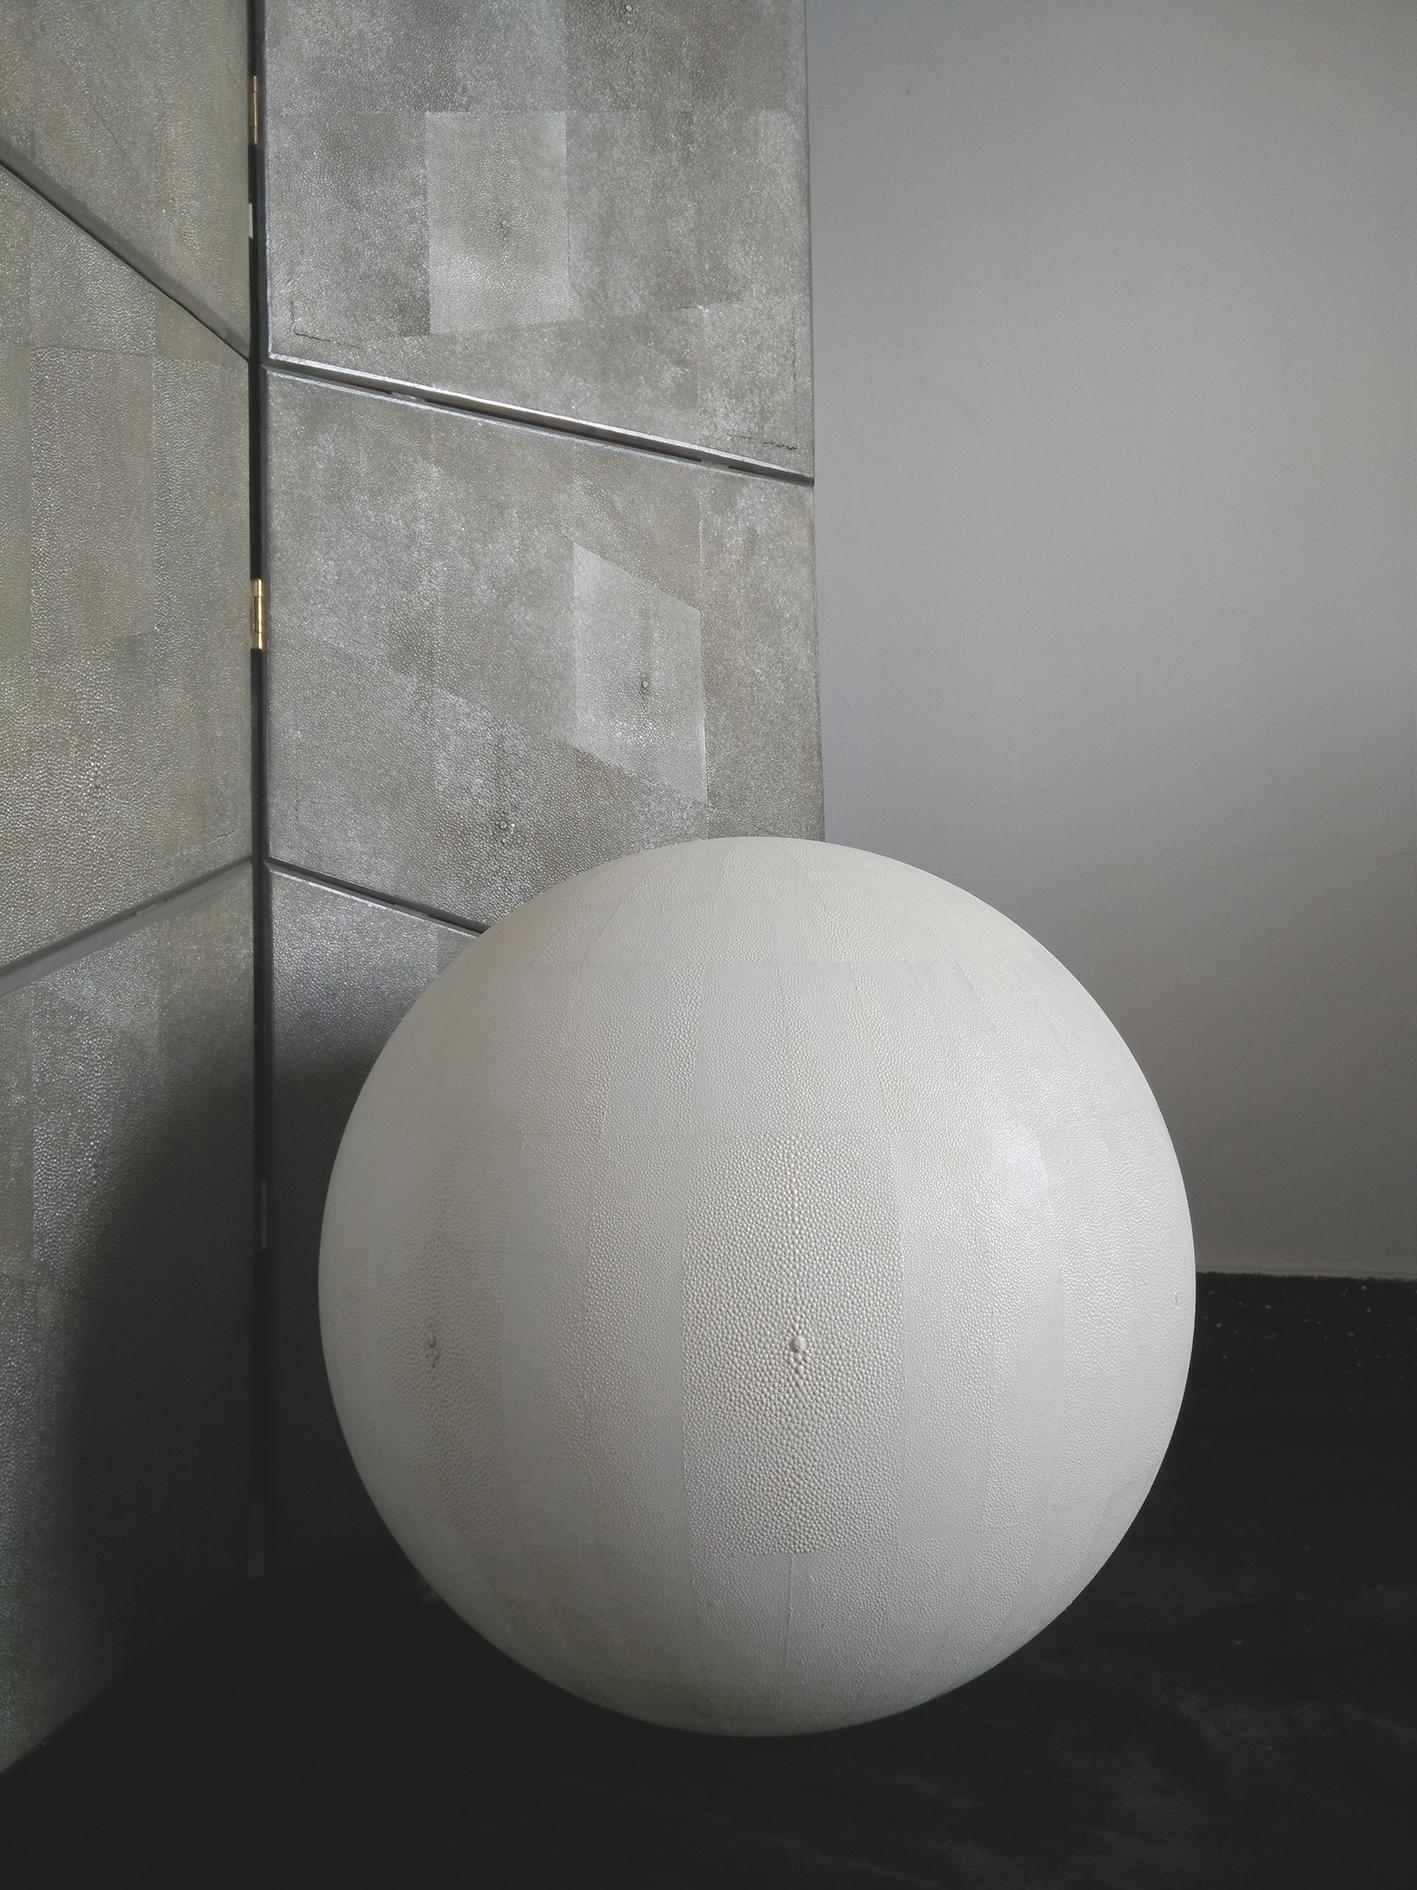 Dimension 50 cm dia